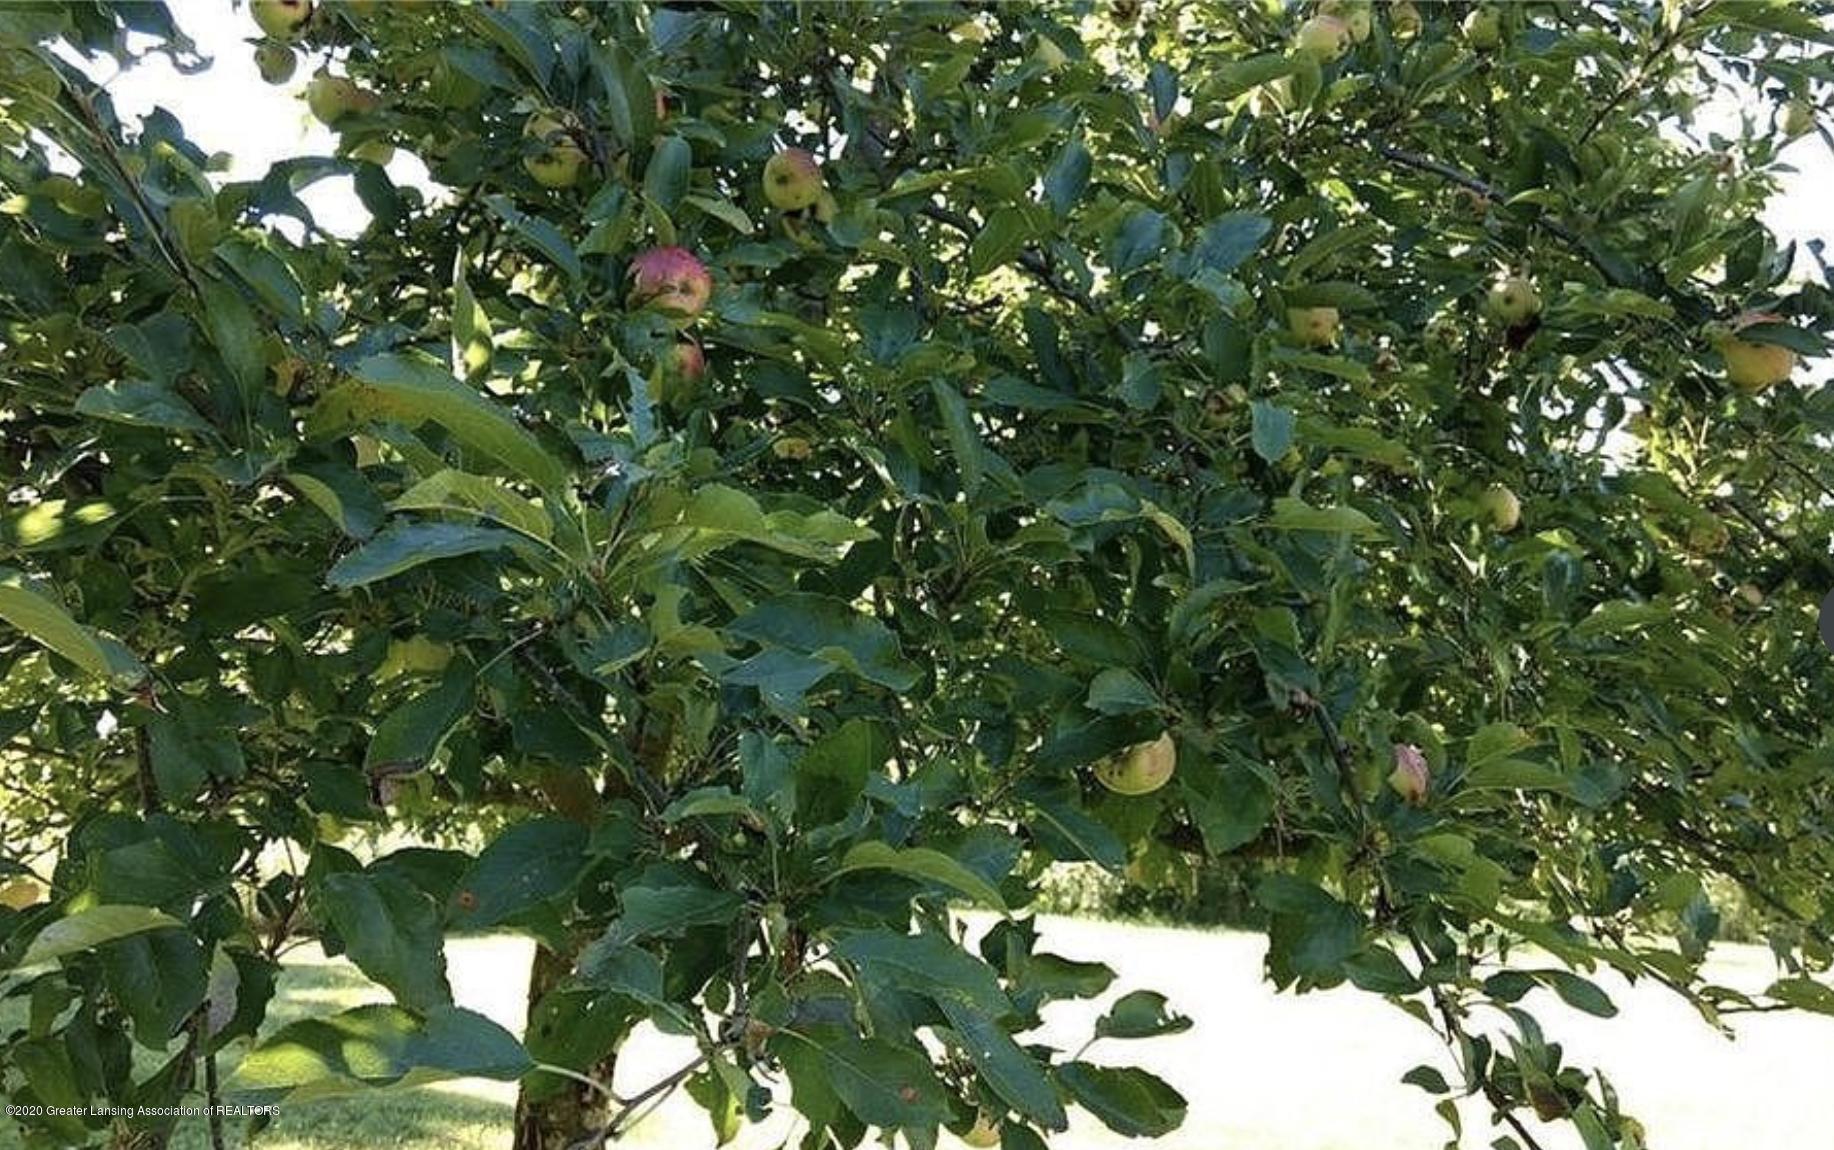 V/L Moyer Rd - Fruit Trees - 2